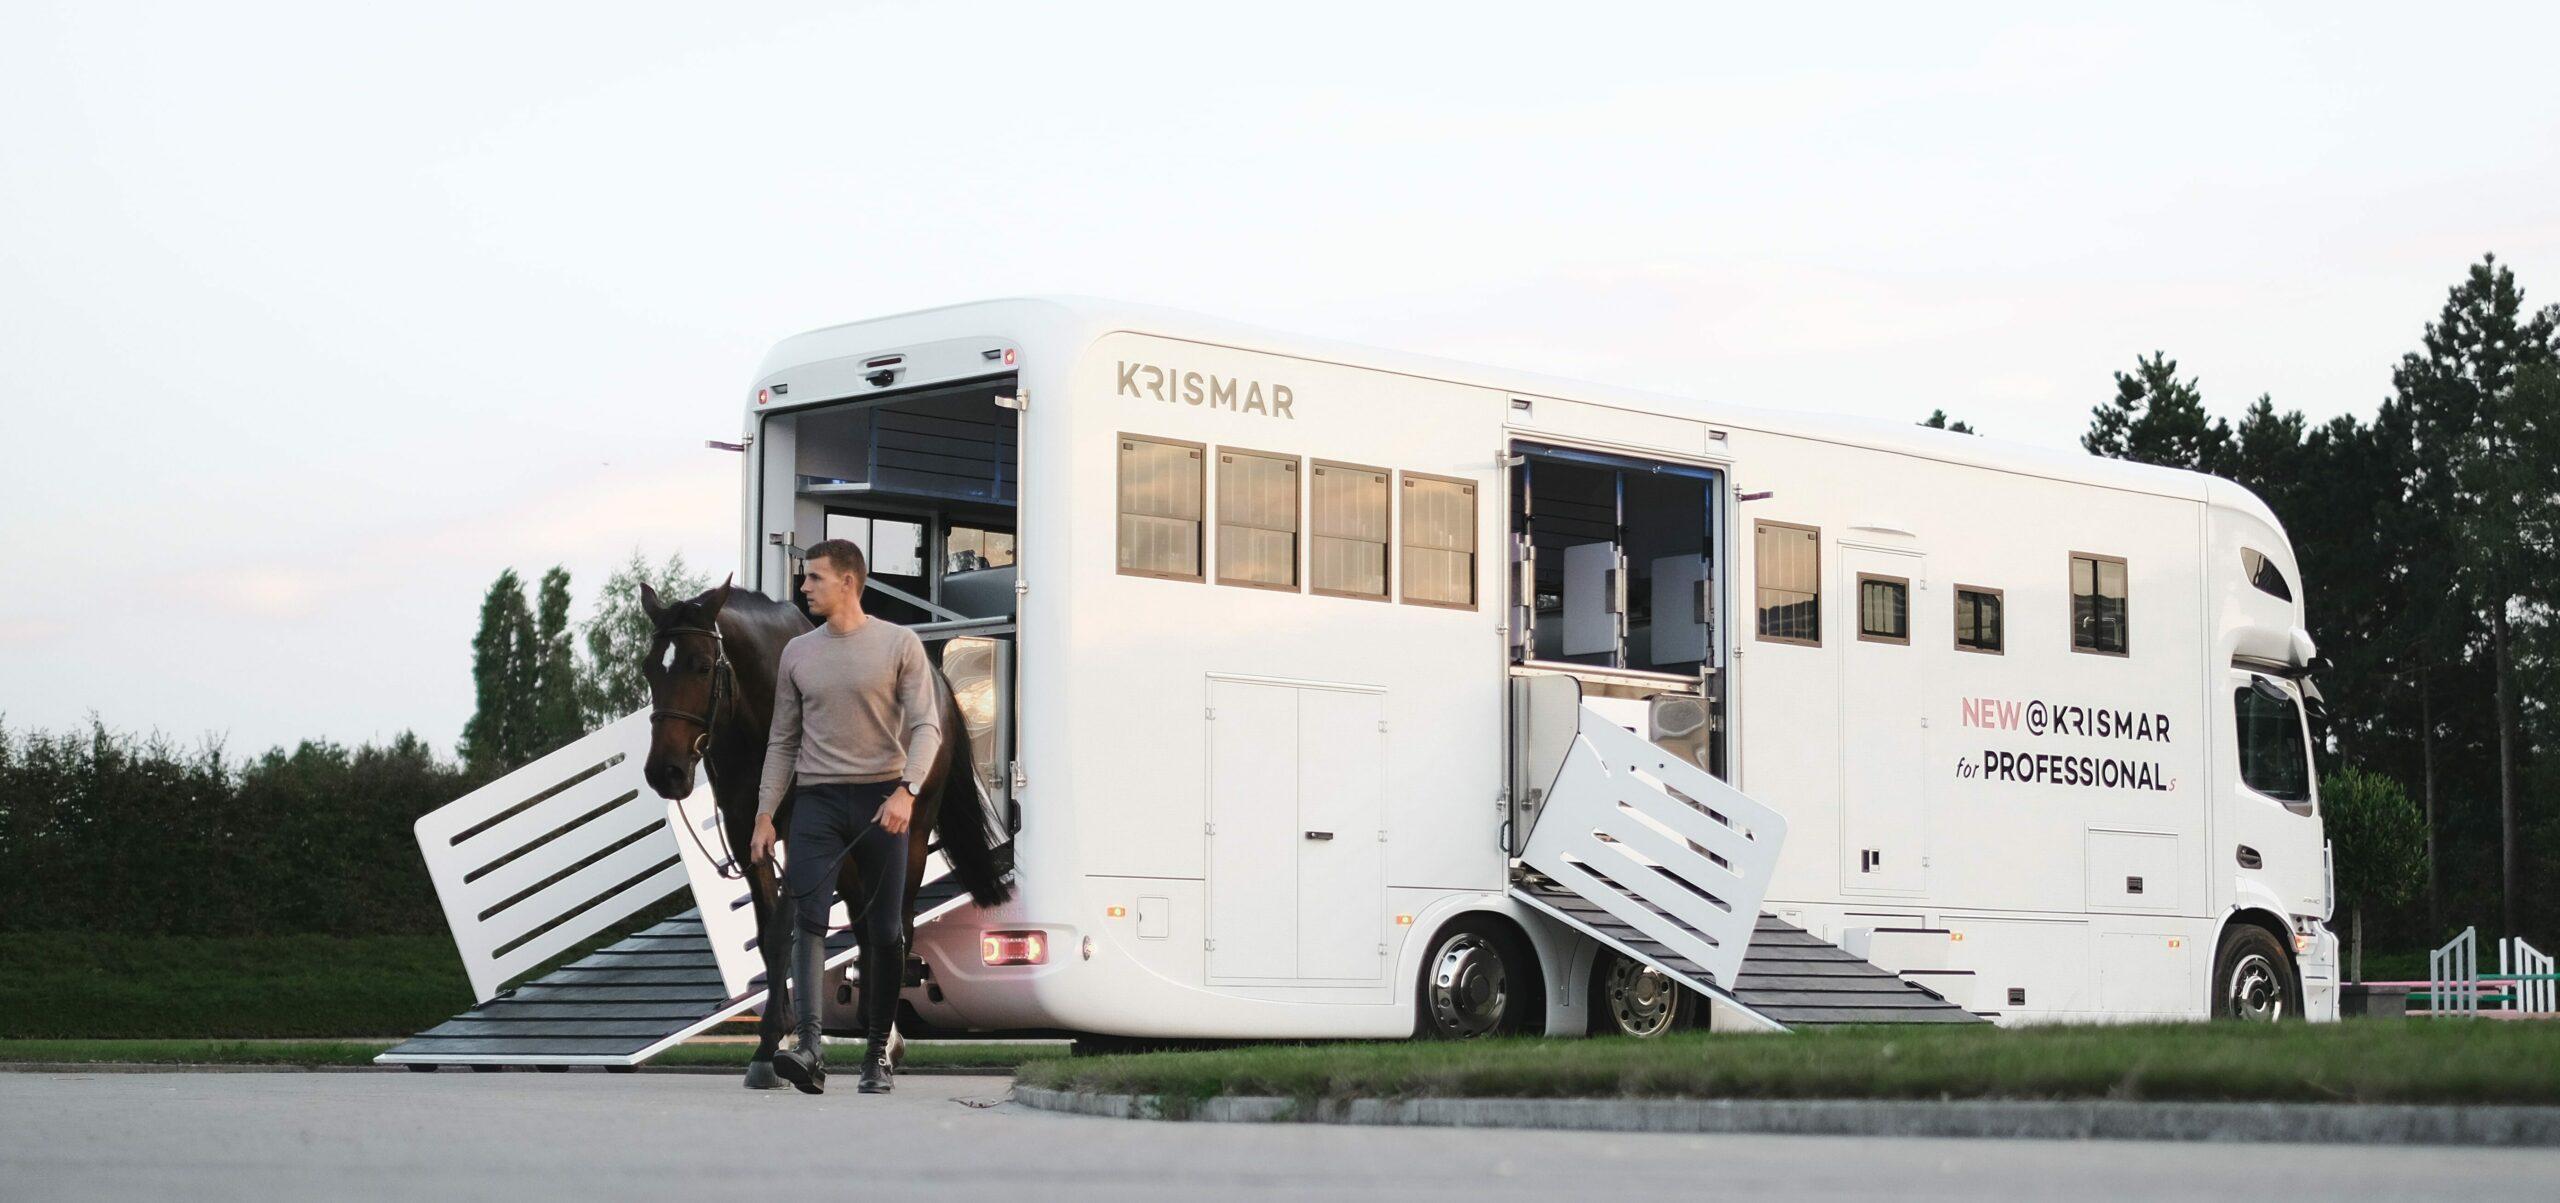 Sfeerbeeld van een witte Krismar paardenvrachtwagen